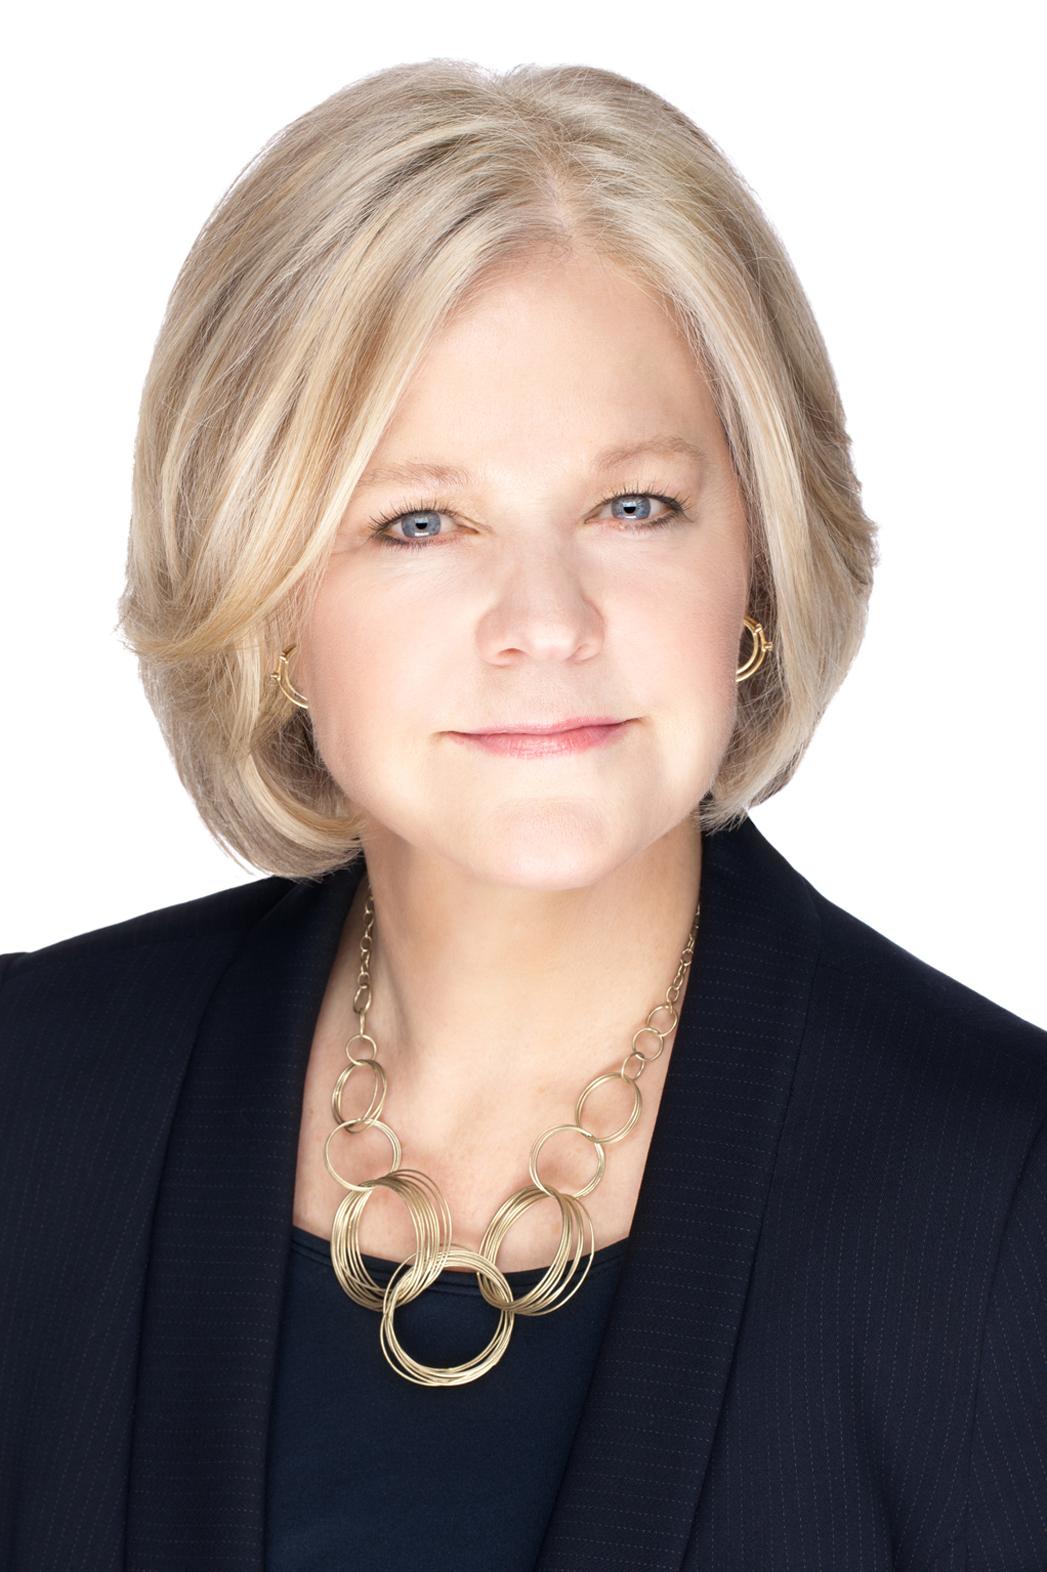 Martha Nelson Headshot - P 2013